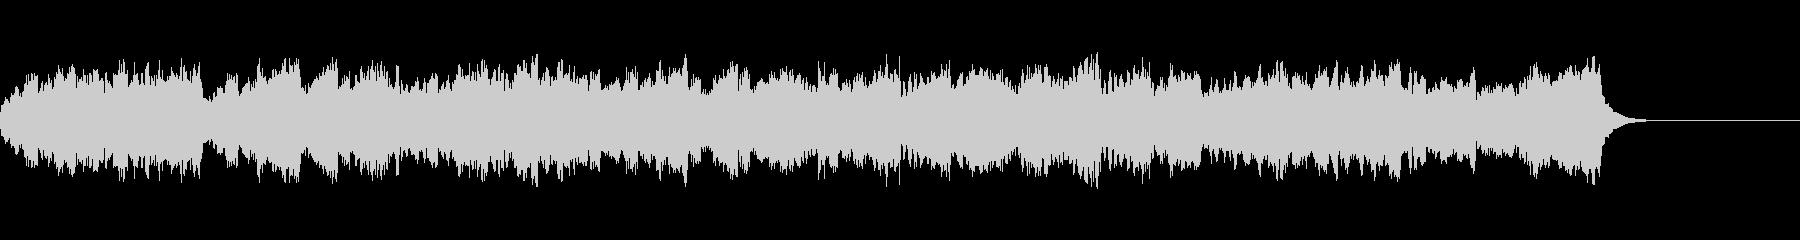 バイオリンとビオラによる二重奏(ミニ)の未再生の波形